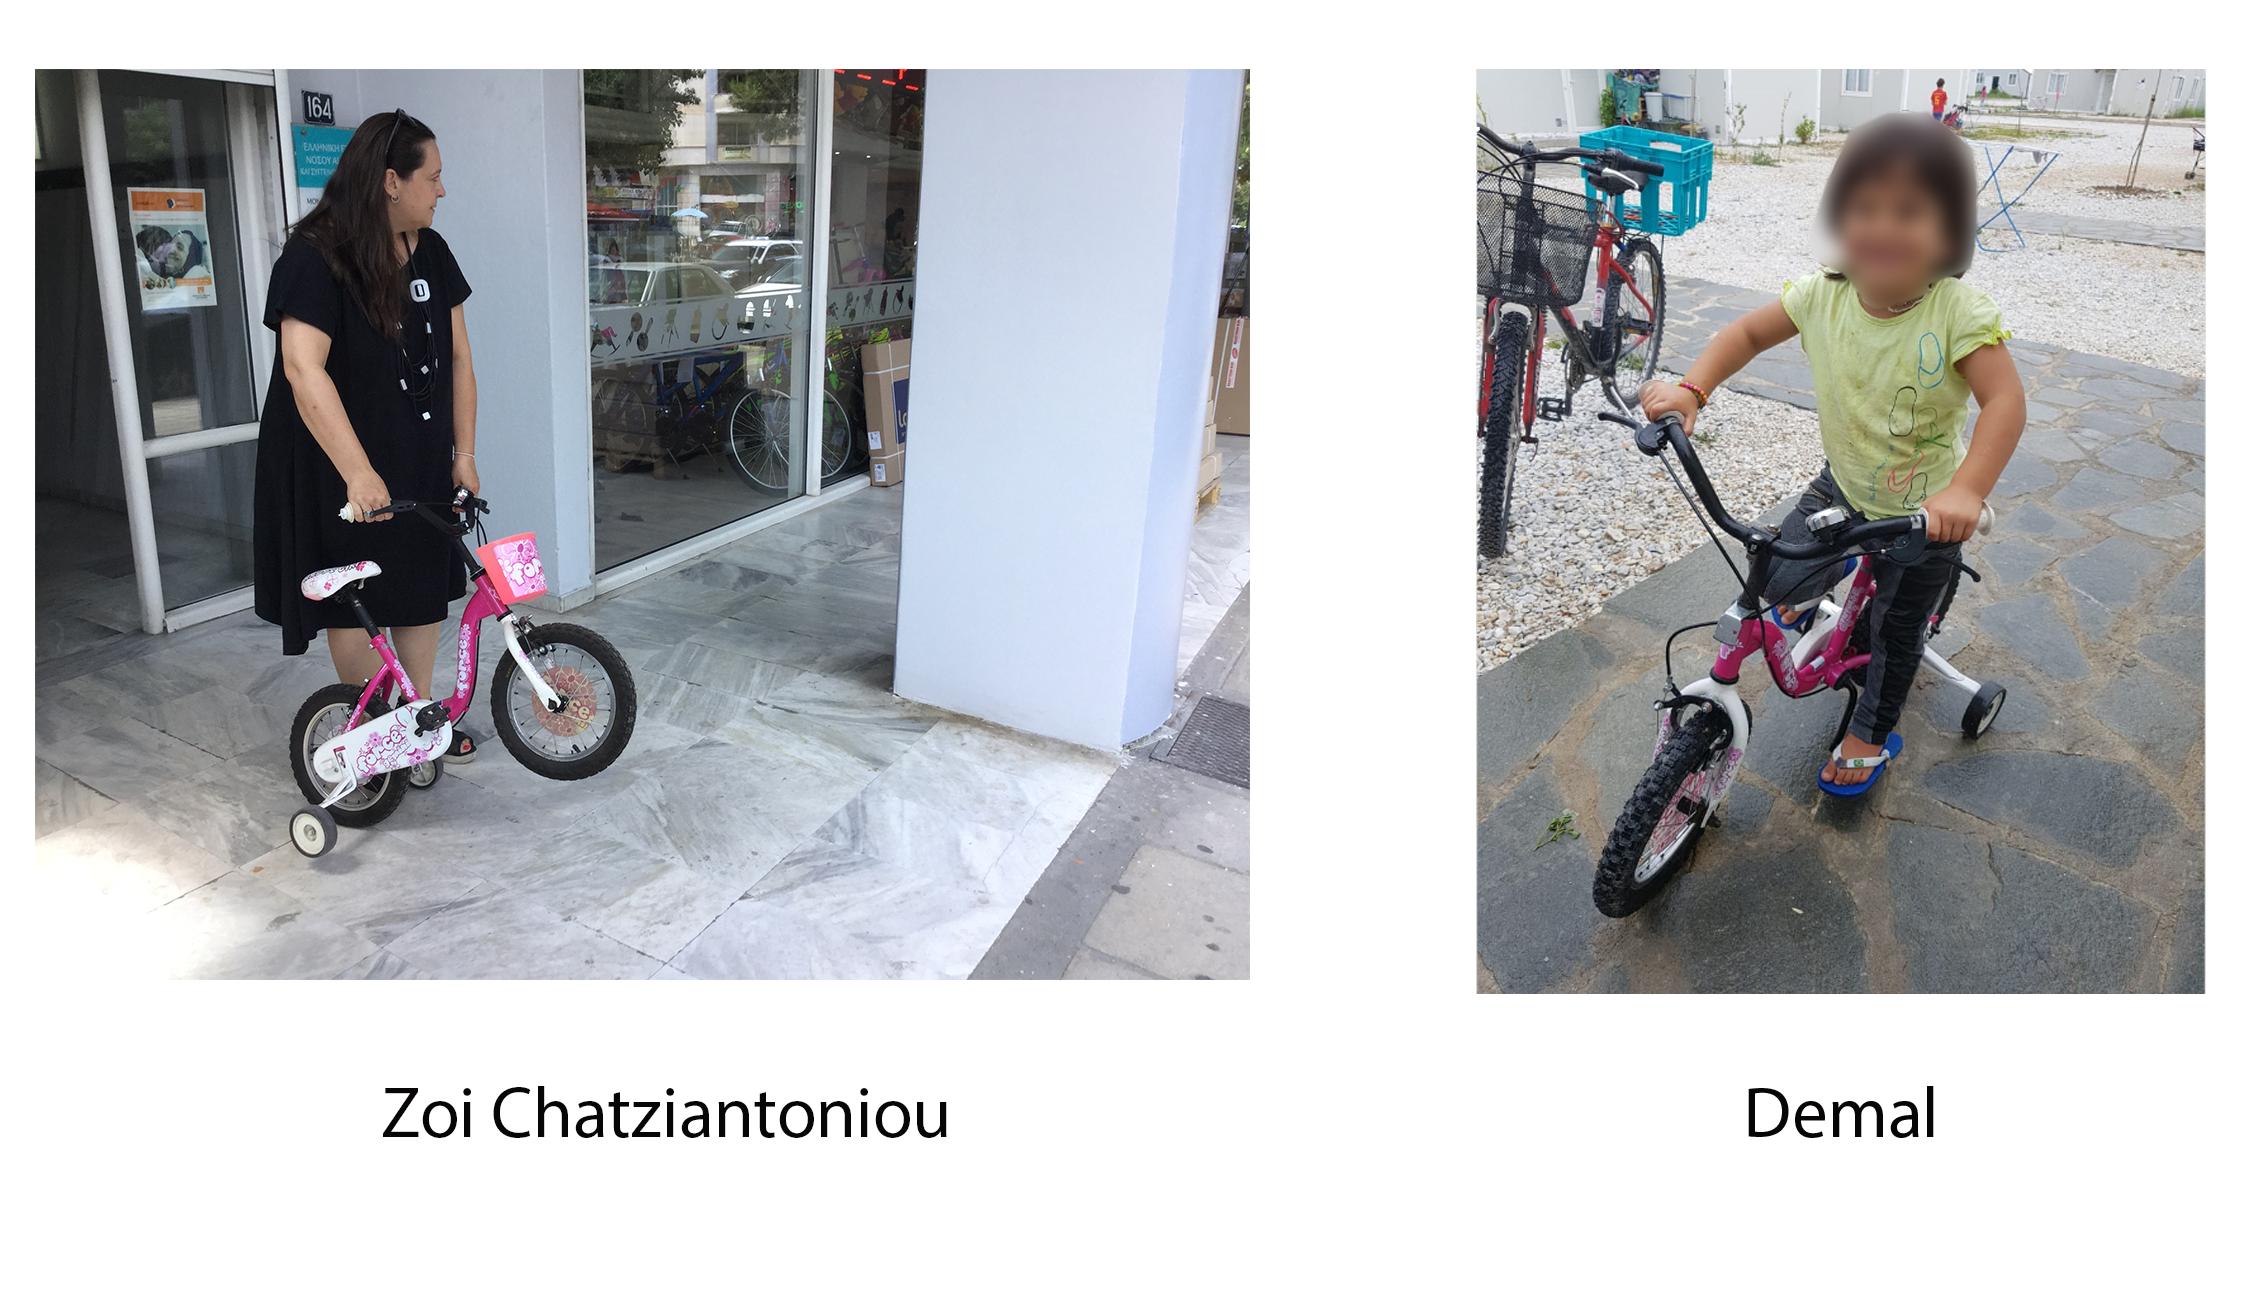 1 from Zoi Chatziantoniou to Demal -flou face child